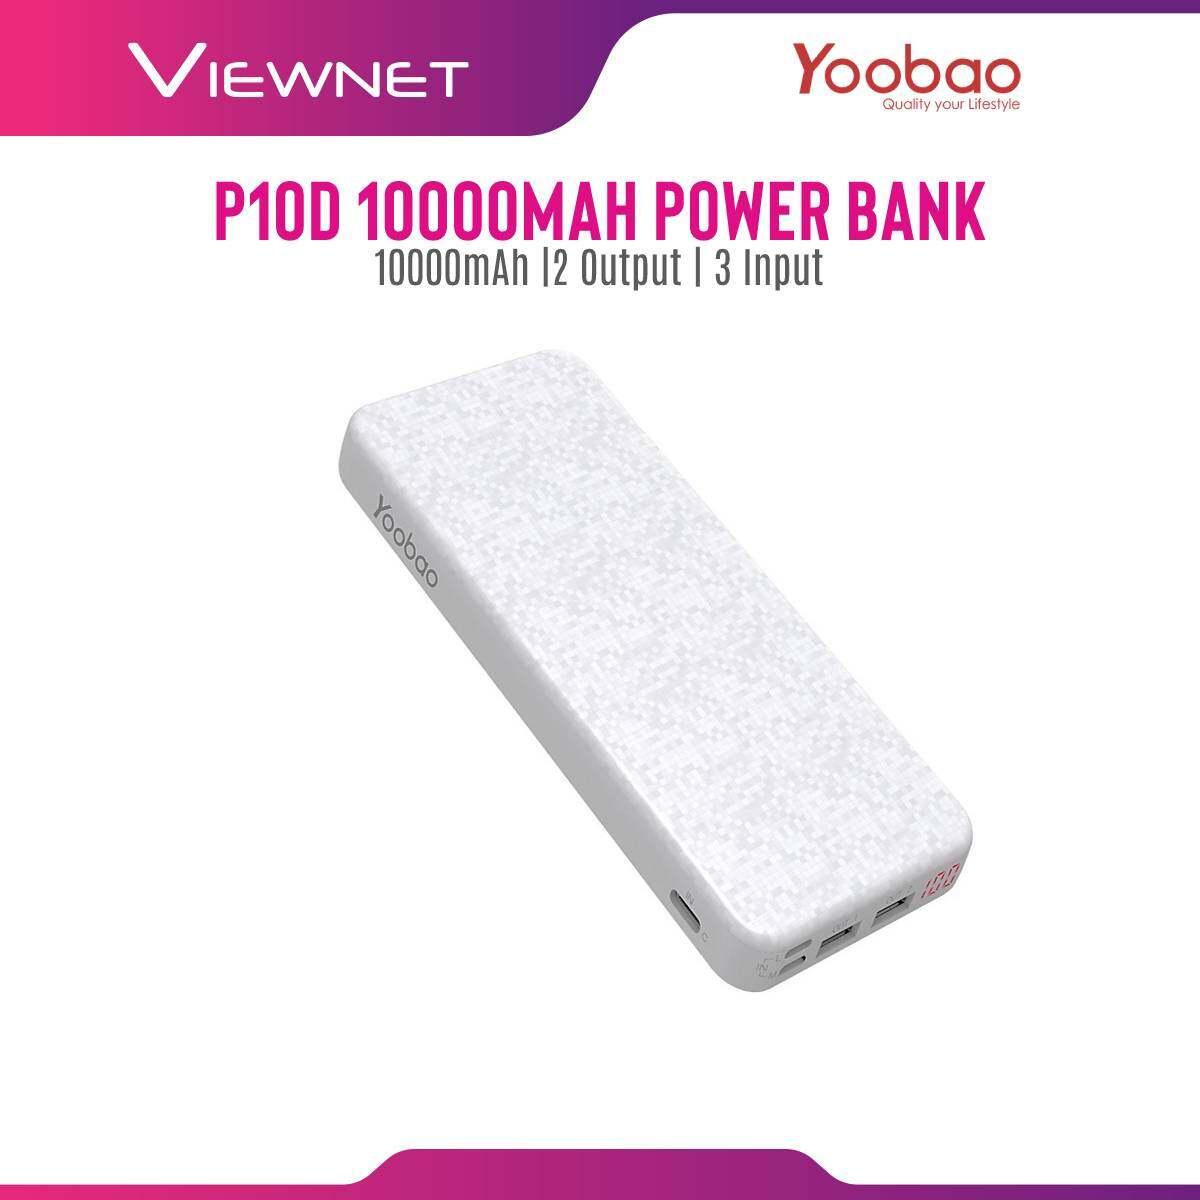 Yoobao P10D 10000mAh Power bank with 3Input 2 Output